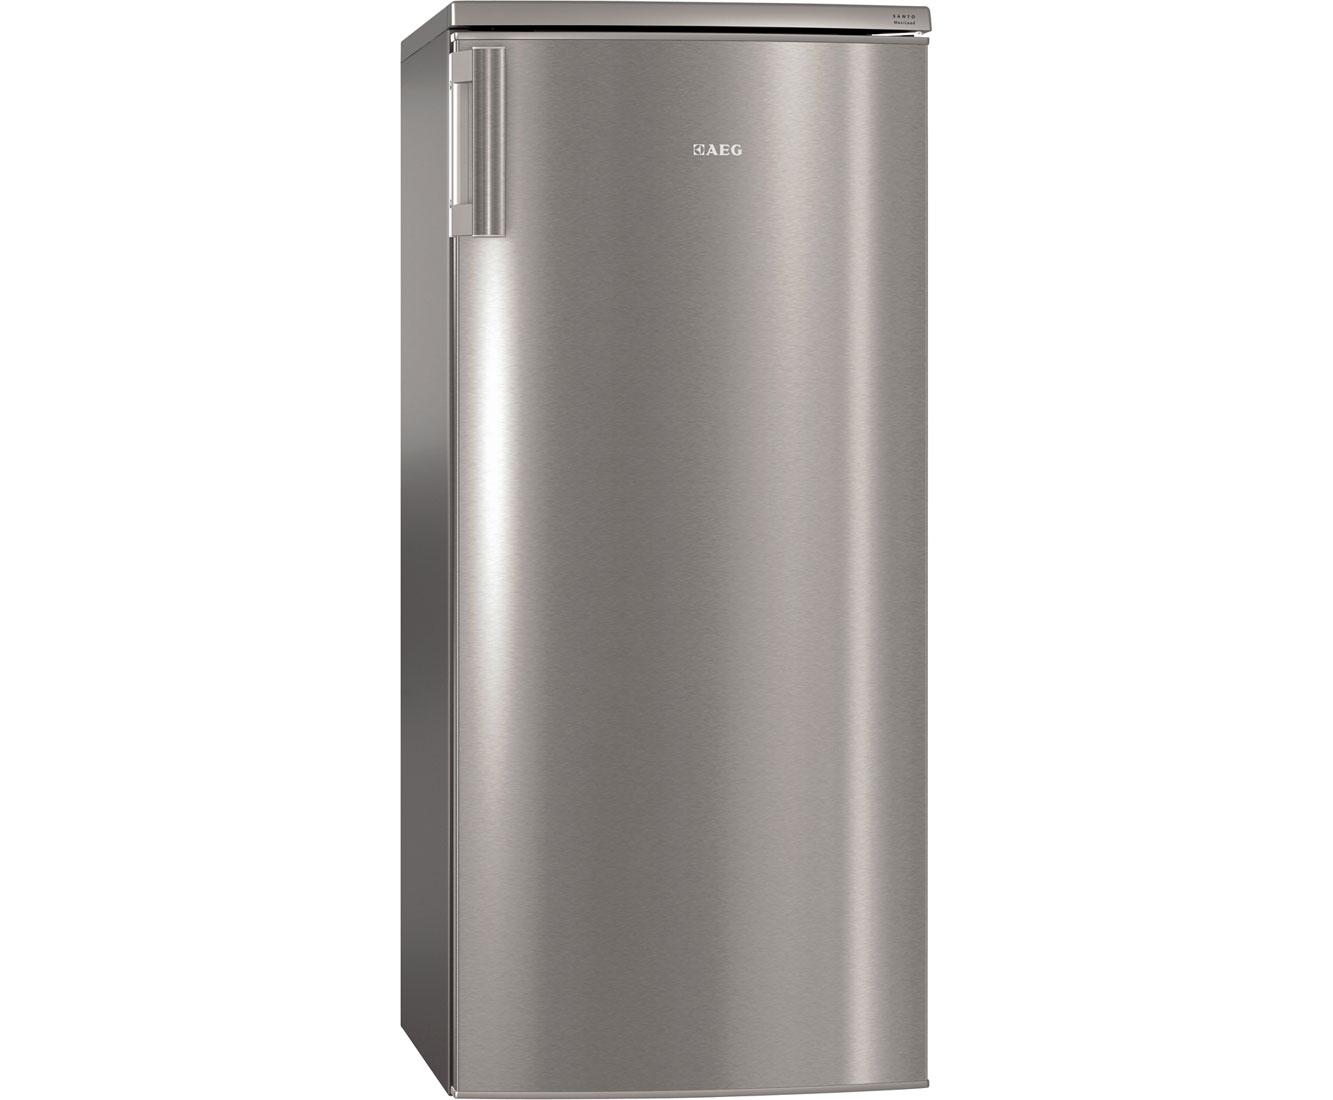 Aeg Santo Kühlschrank Mit Gefrierfach : Aeg santo s kss kühlschrank edelstahl silber a